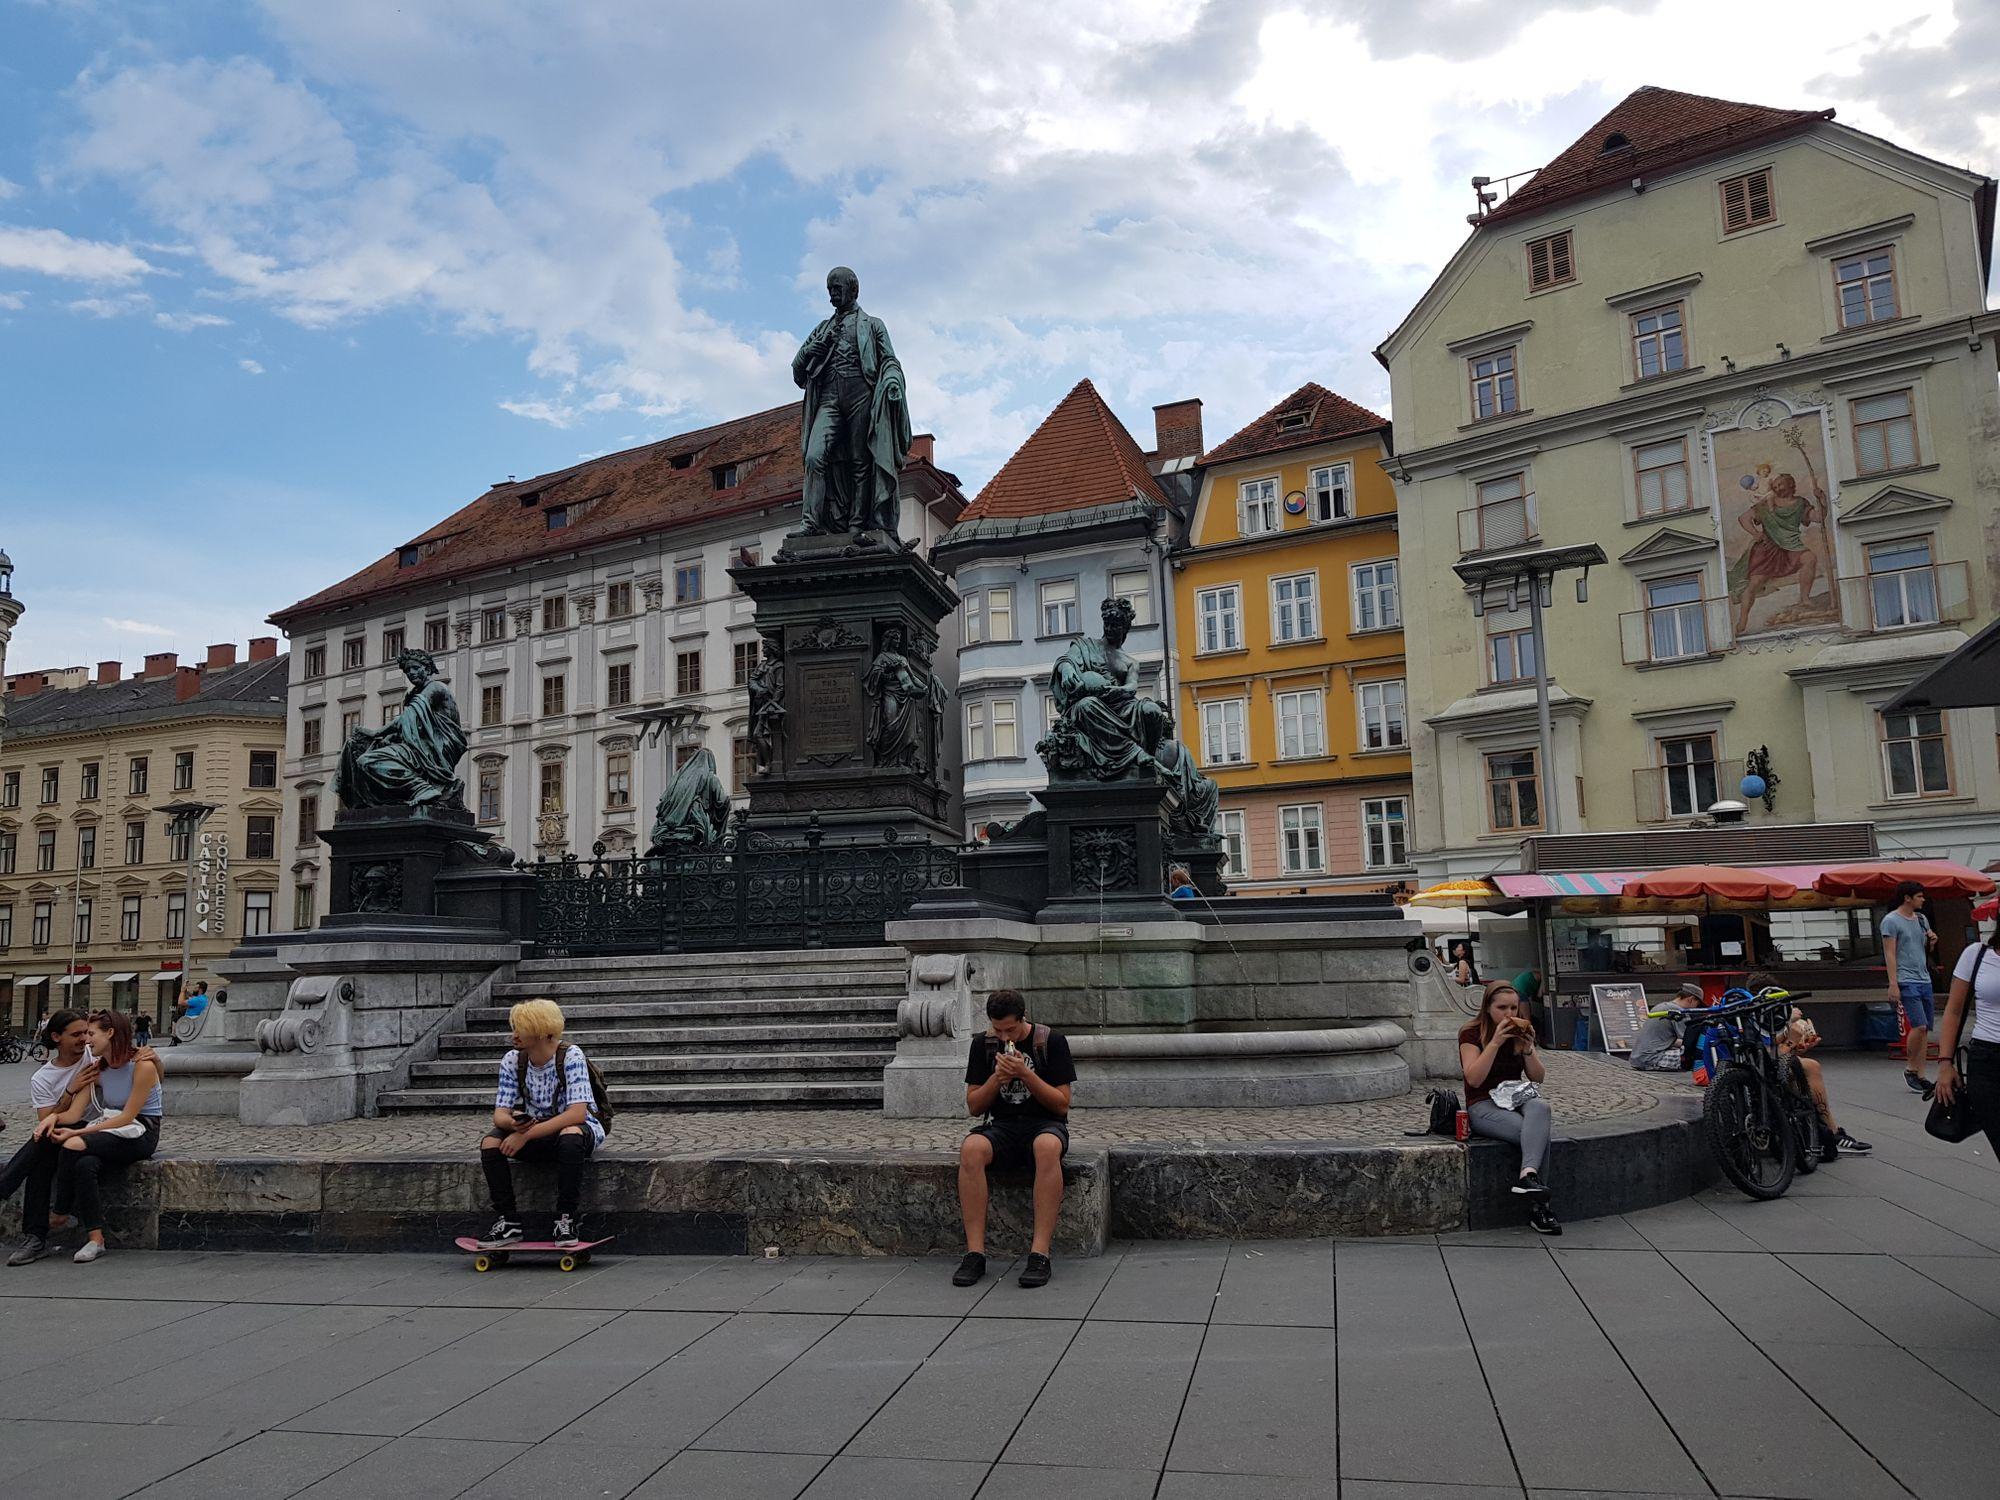 Erzherzog-Johann-Brunnendenkmal mit Leuten die auf der untersten Stufe sitzen.